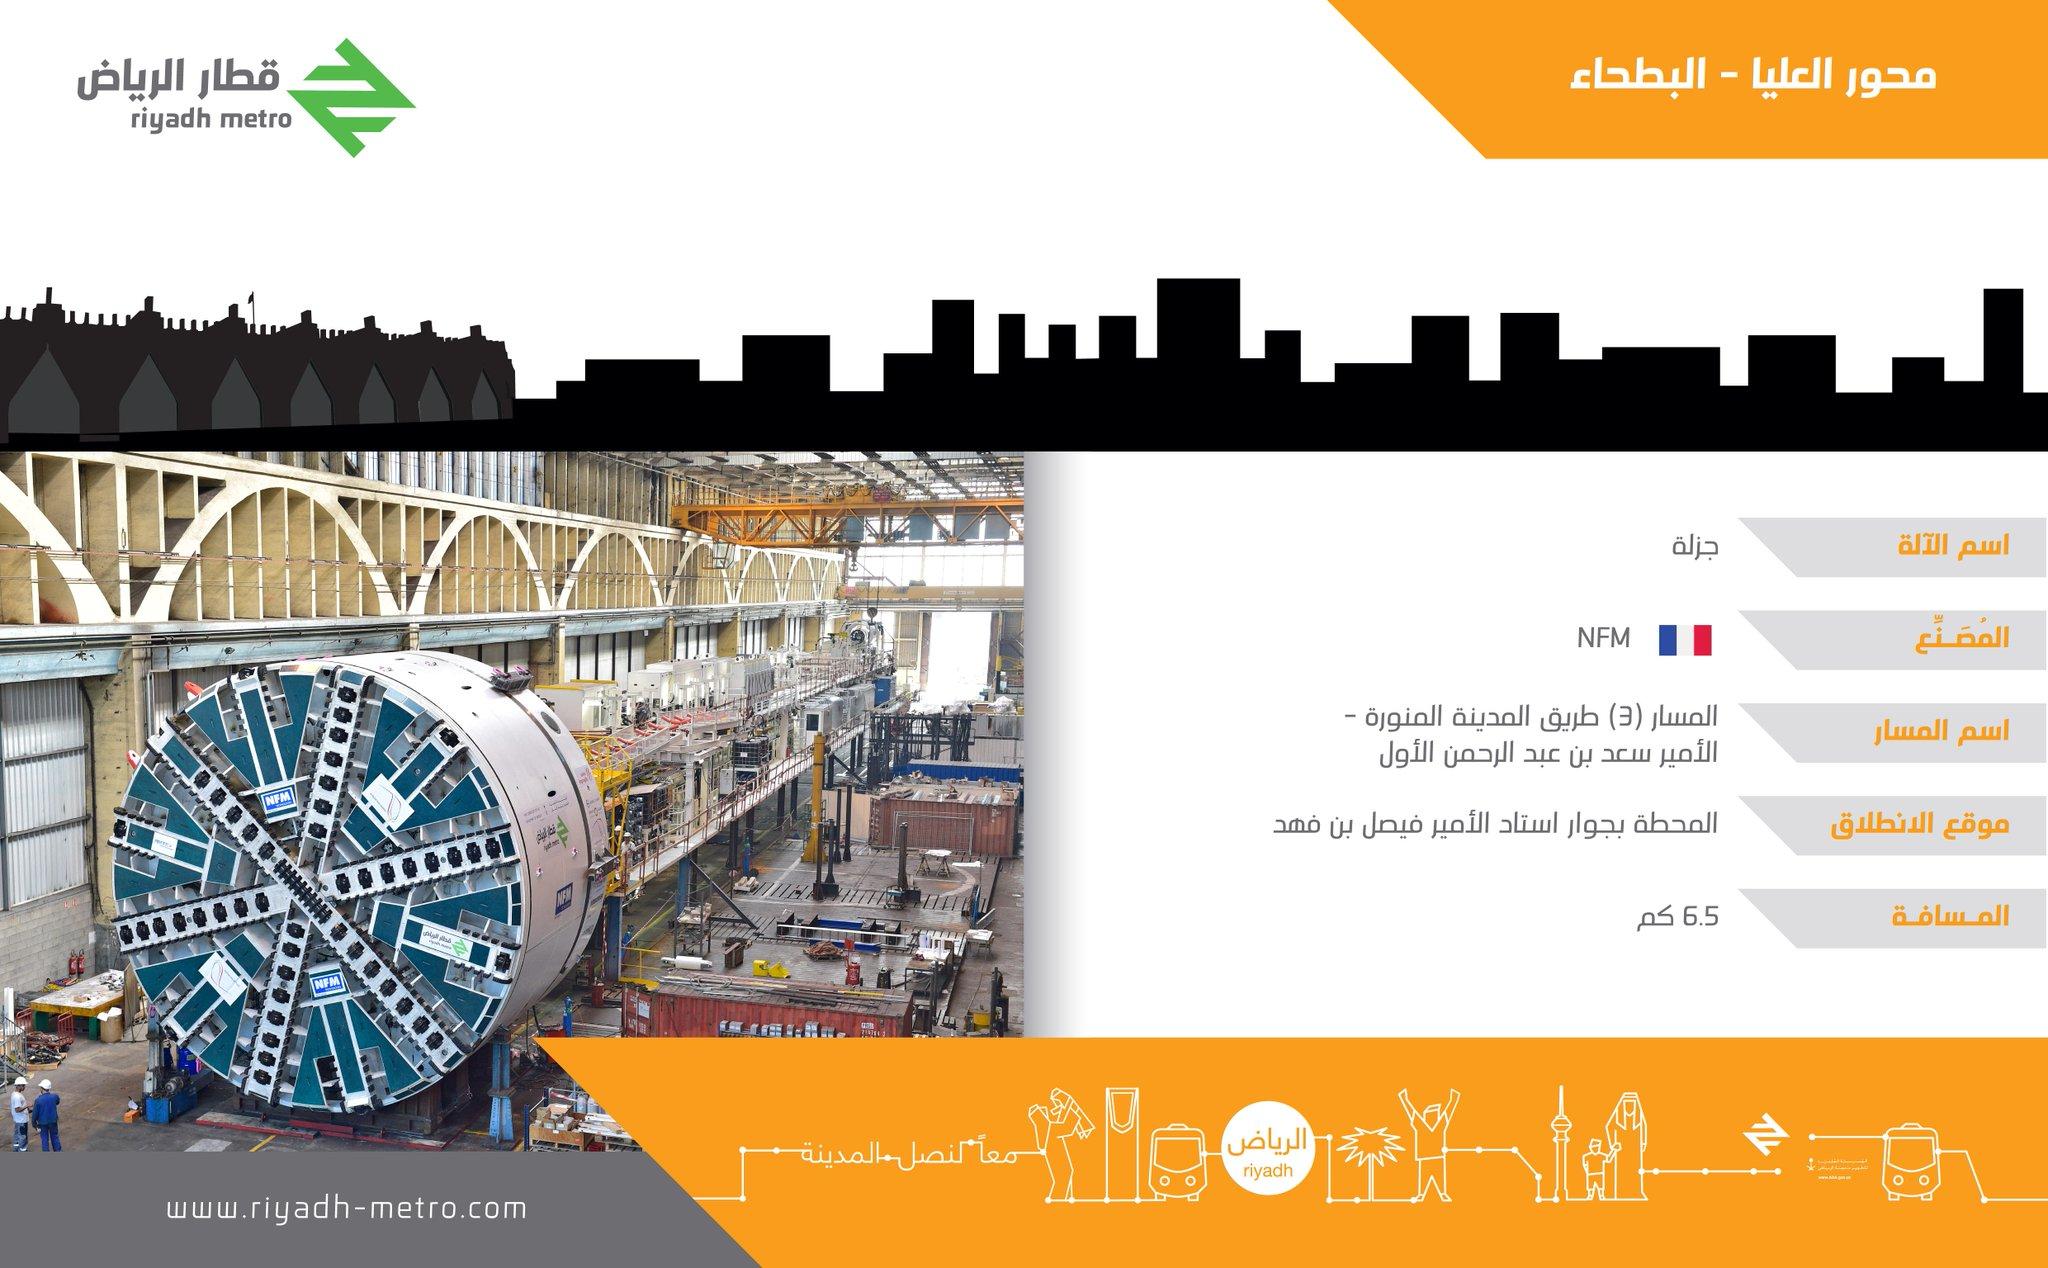 السعوديه دولة عظمى وفي طريقها الى العالم الأول  - صفحة 3 CD1Rk5kUIAA1ADQ